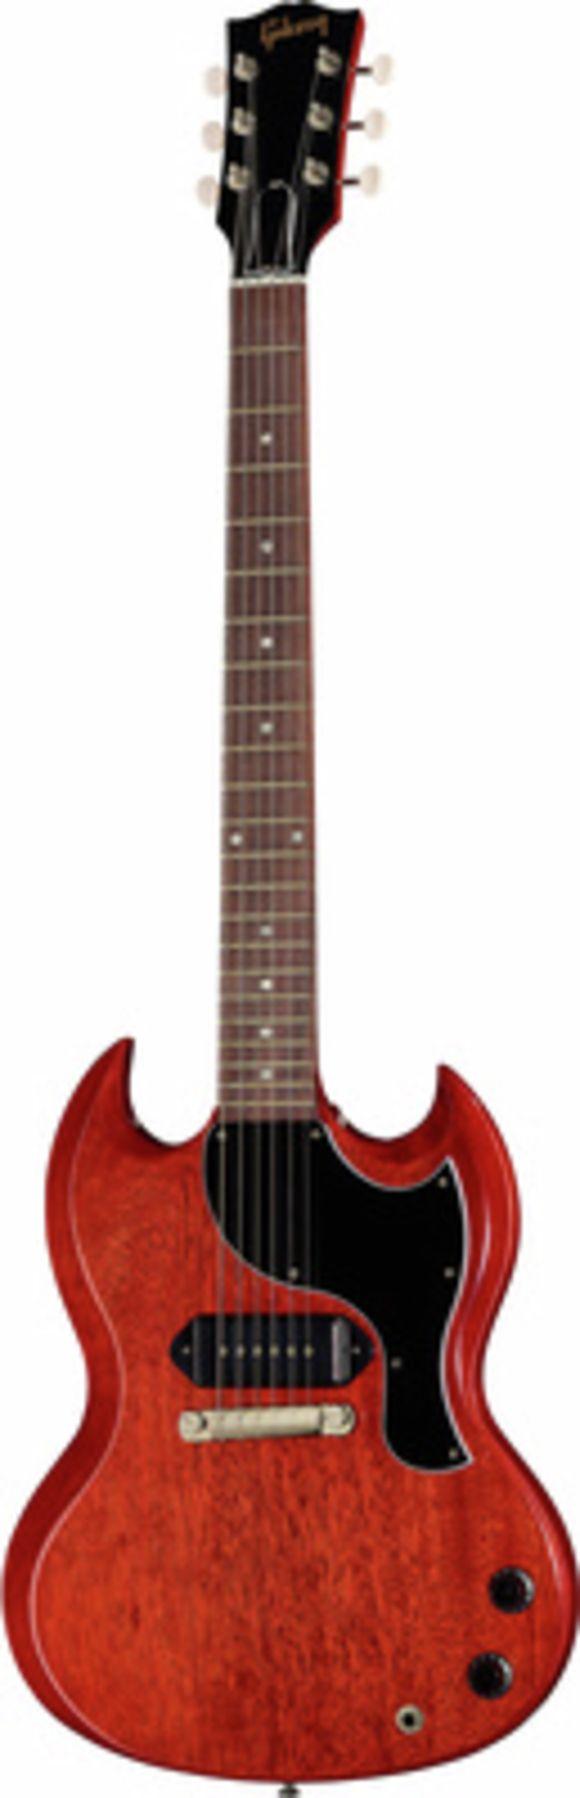 SG Junior 2018 Gibson